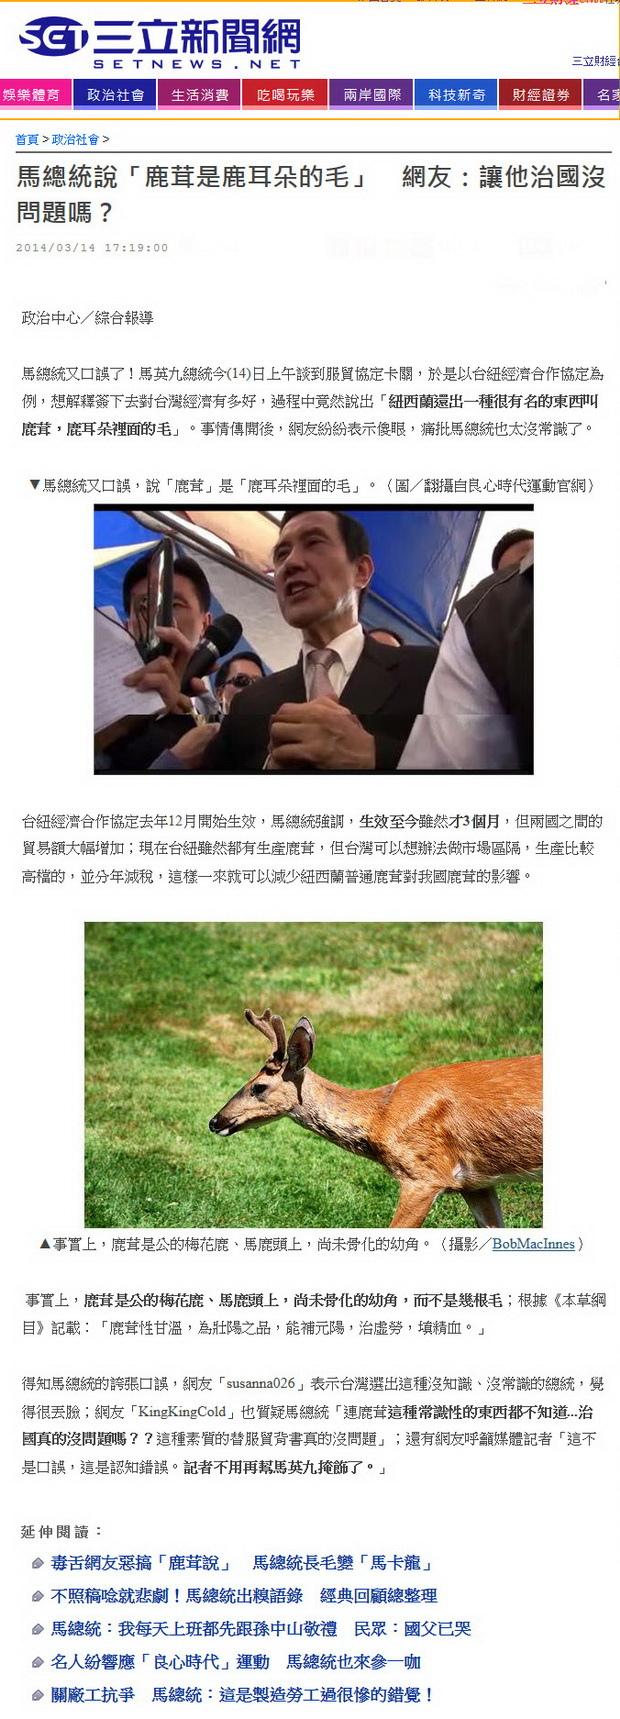 馬總統說「鹿茸是鹿耳朵的毛」 網友:讓他治國沒問題嗎?-2014.03.14.jpg